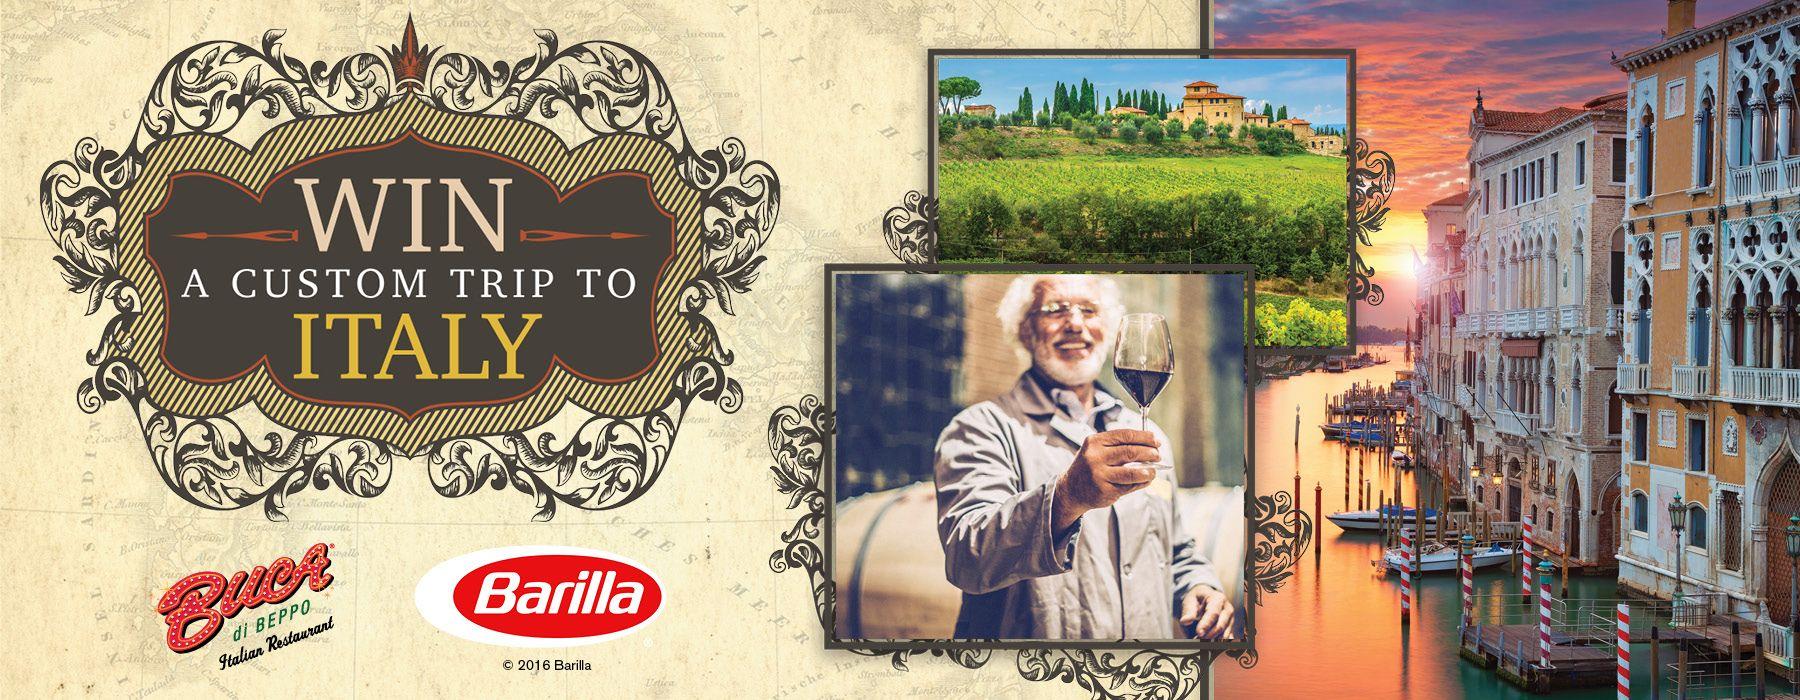 Win a custom trip to Italy on Barilla - Buca di Beppo